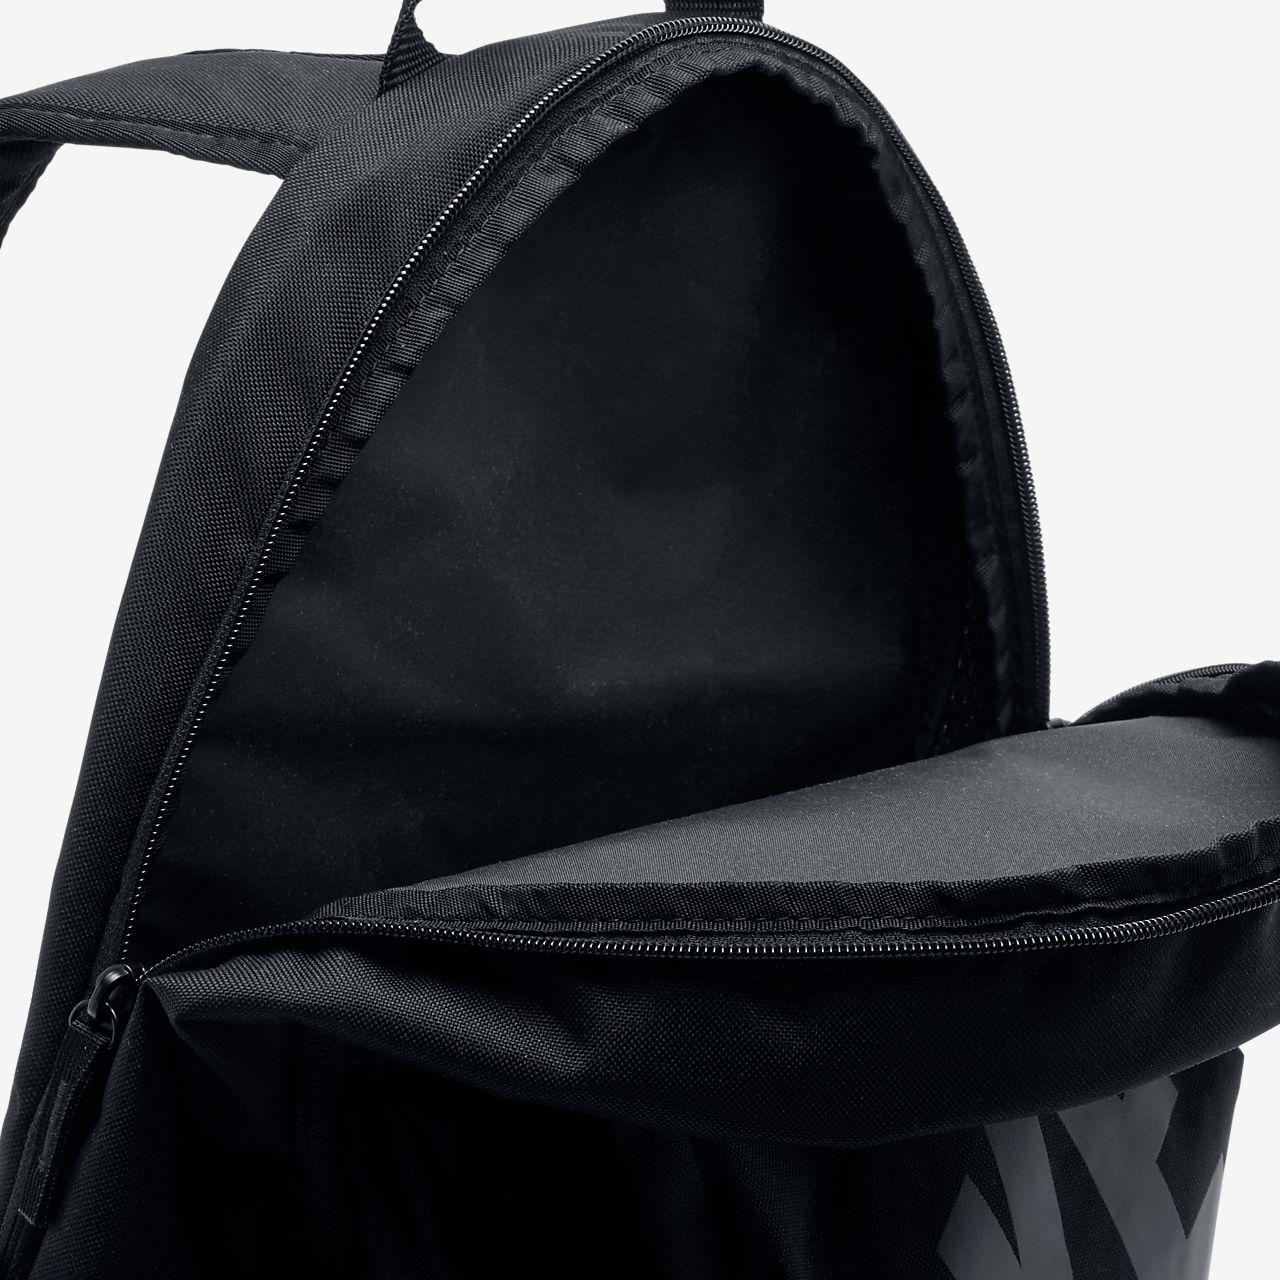 Low Resolution Nike Sportswear Elemental Backpack Nike Sportswear Elemental  Backpack aa959dcc3f6b9